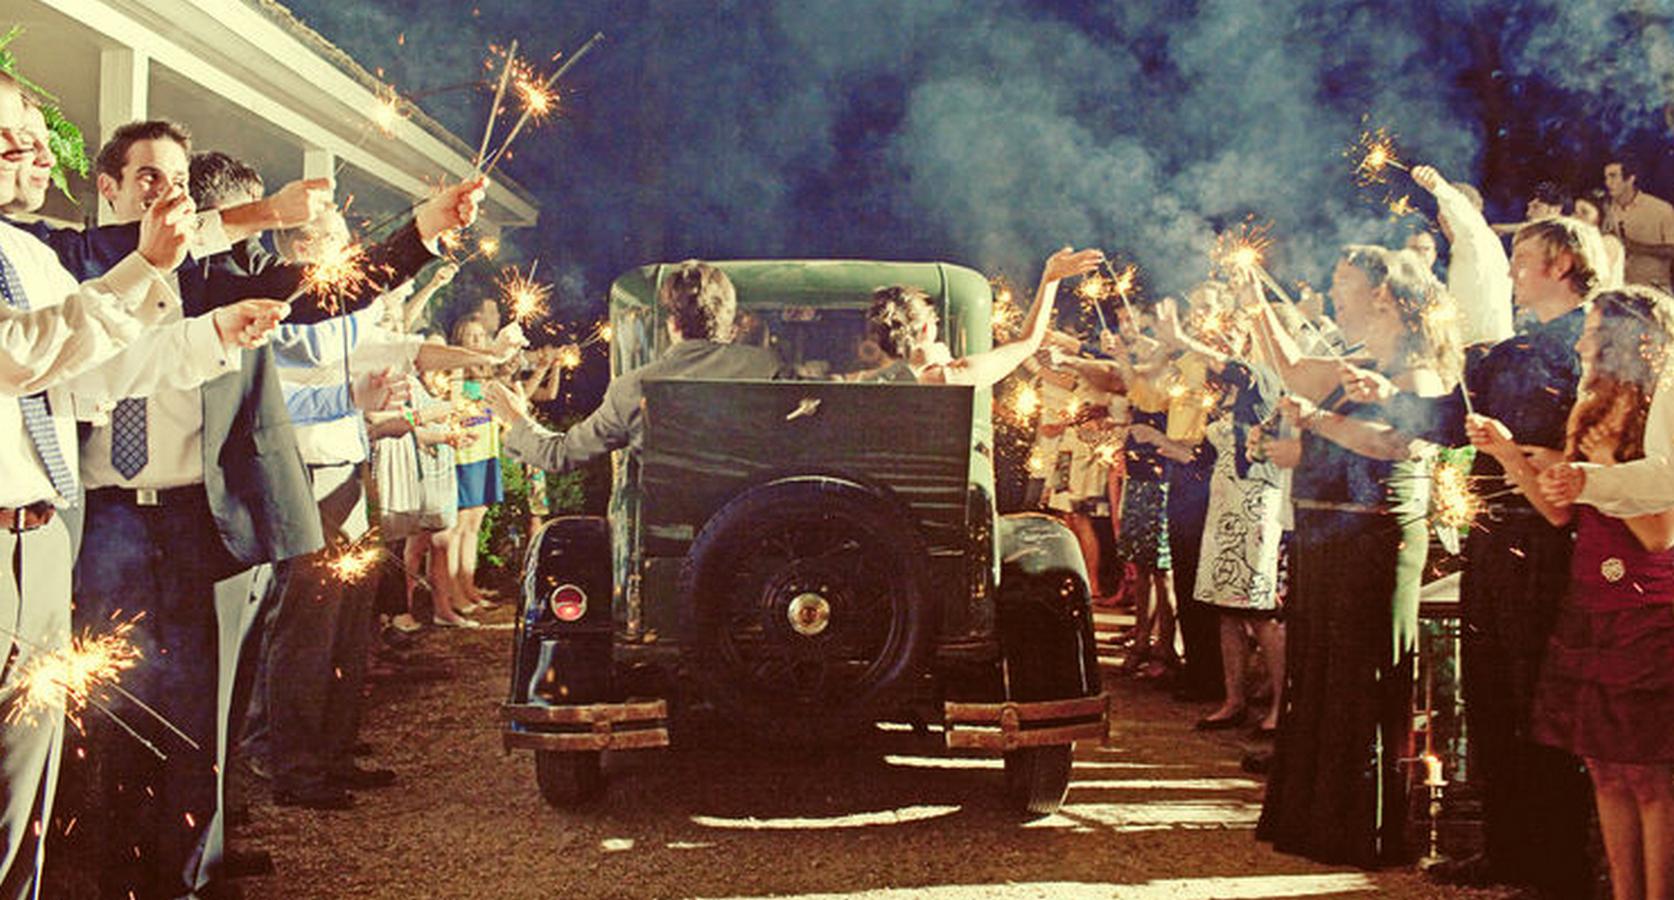 Veteranbil tar avreise fra bryllupsfesten mens bryllupsgjestene vinker